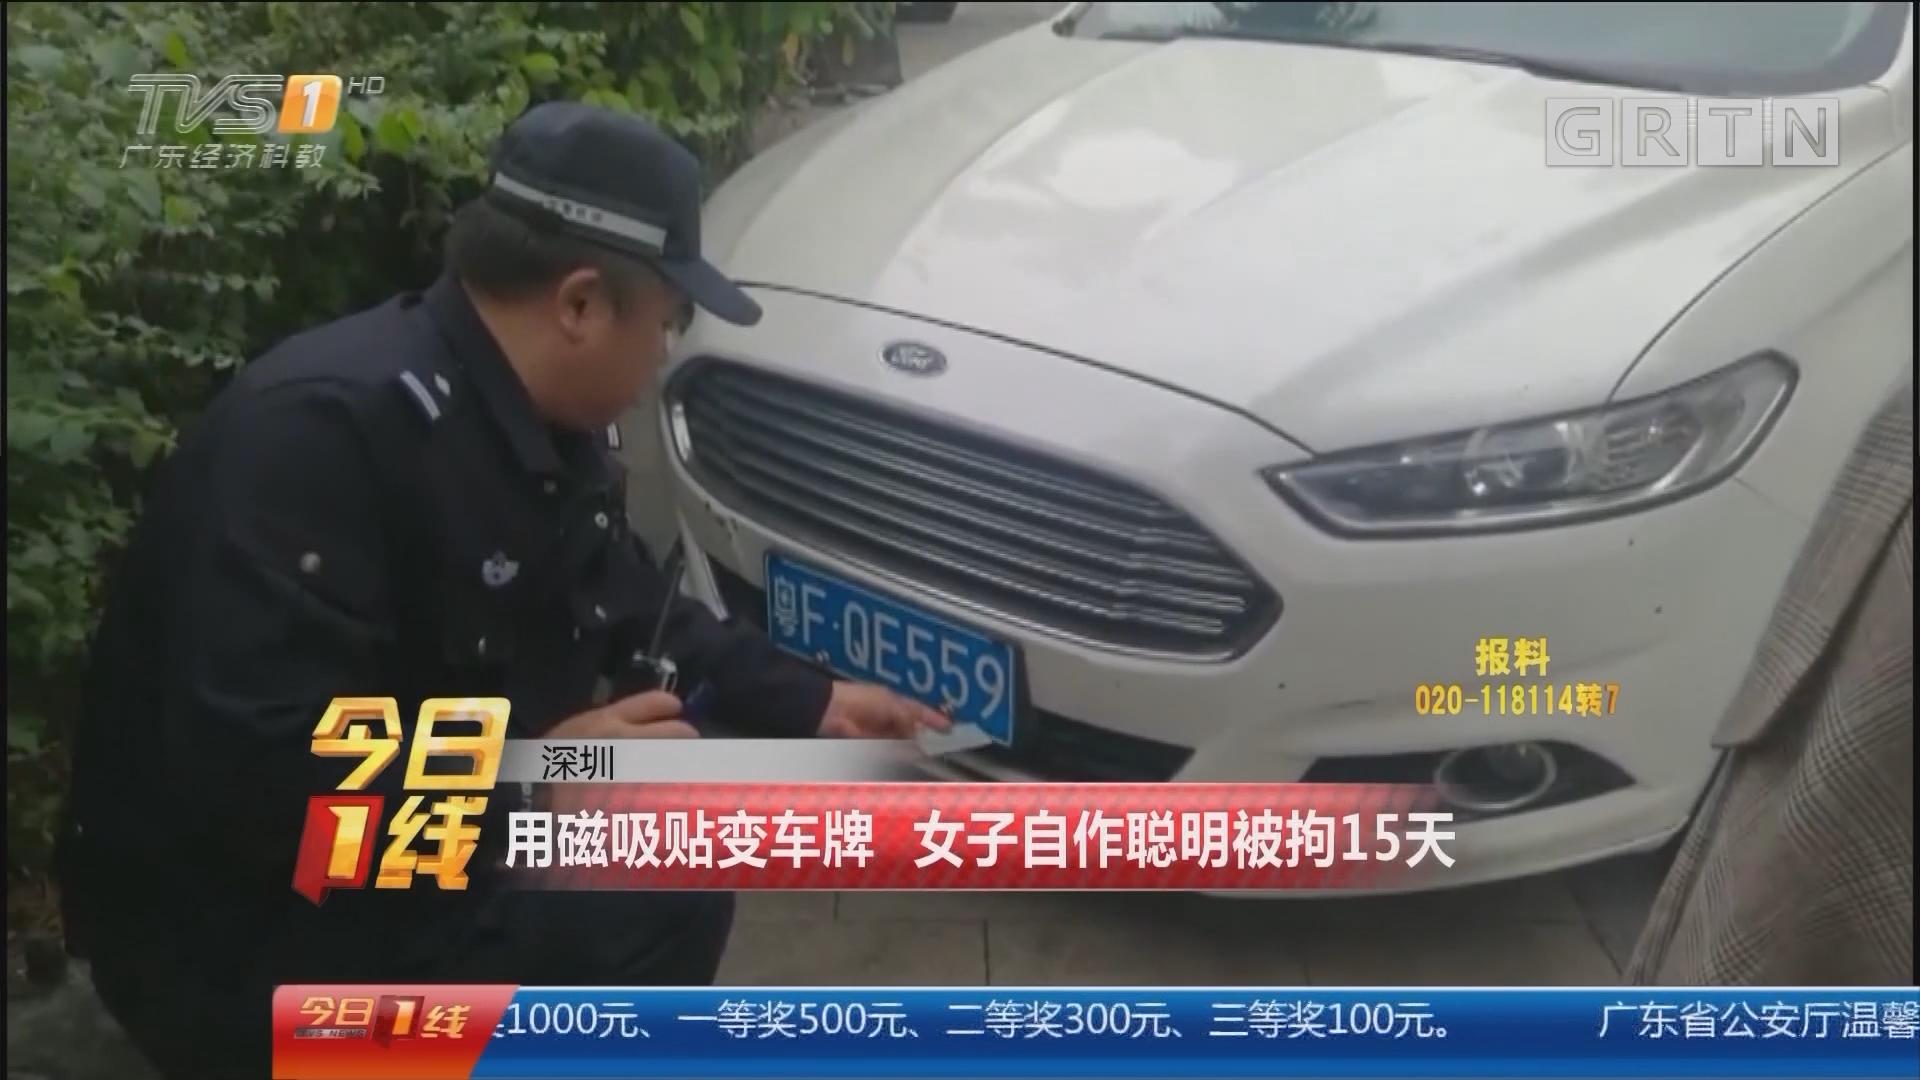 深圳:用磁吸贴变车牌 女子自作聪明被拘15天